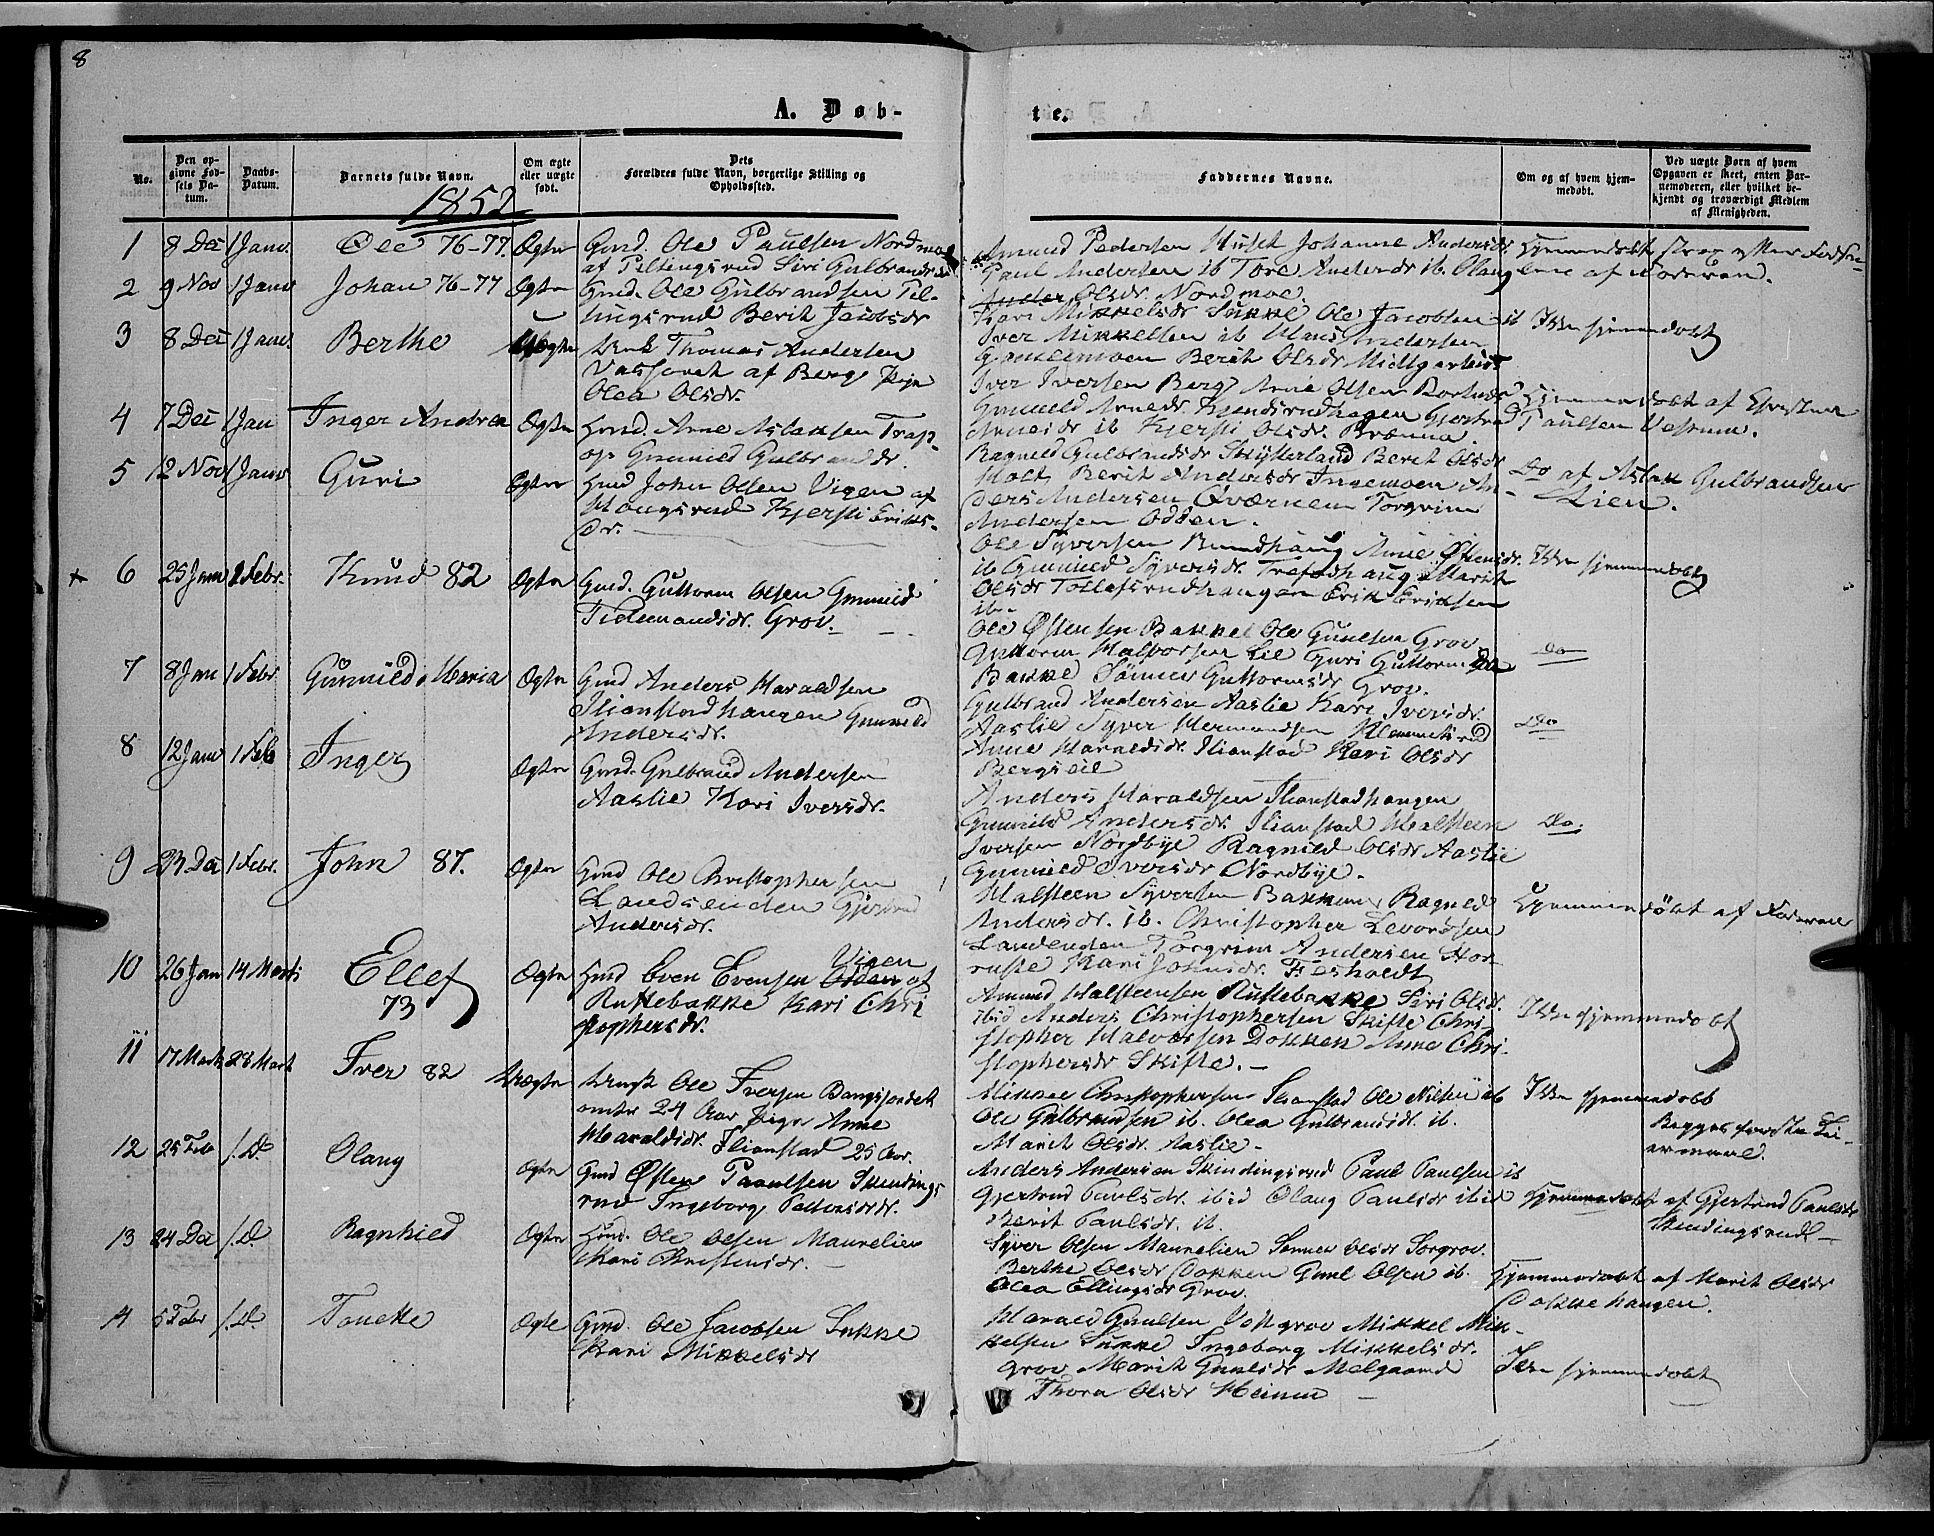 SAH, Sør-Aurdal prestekontor, Ministerialbok nr. 7, 1849-1876, s. 8